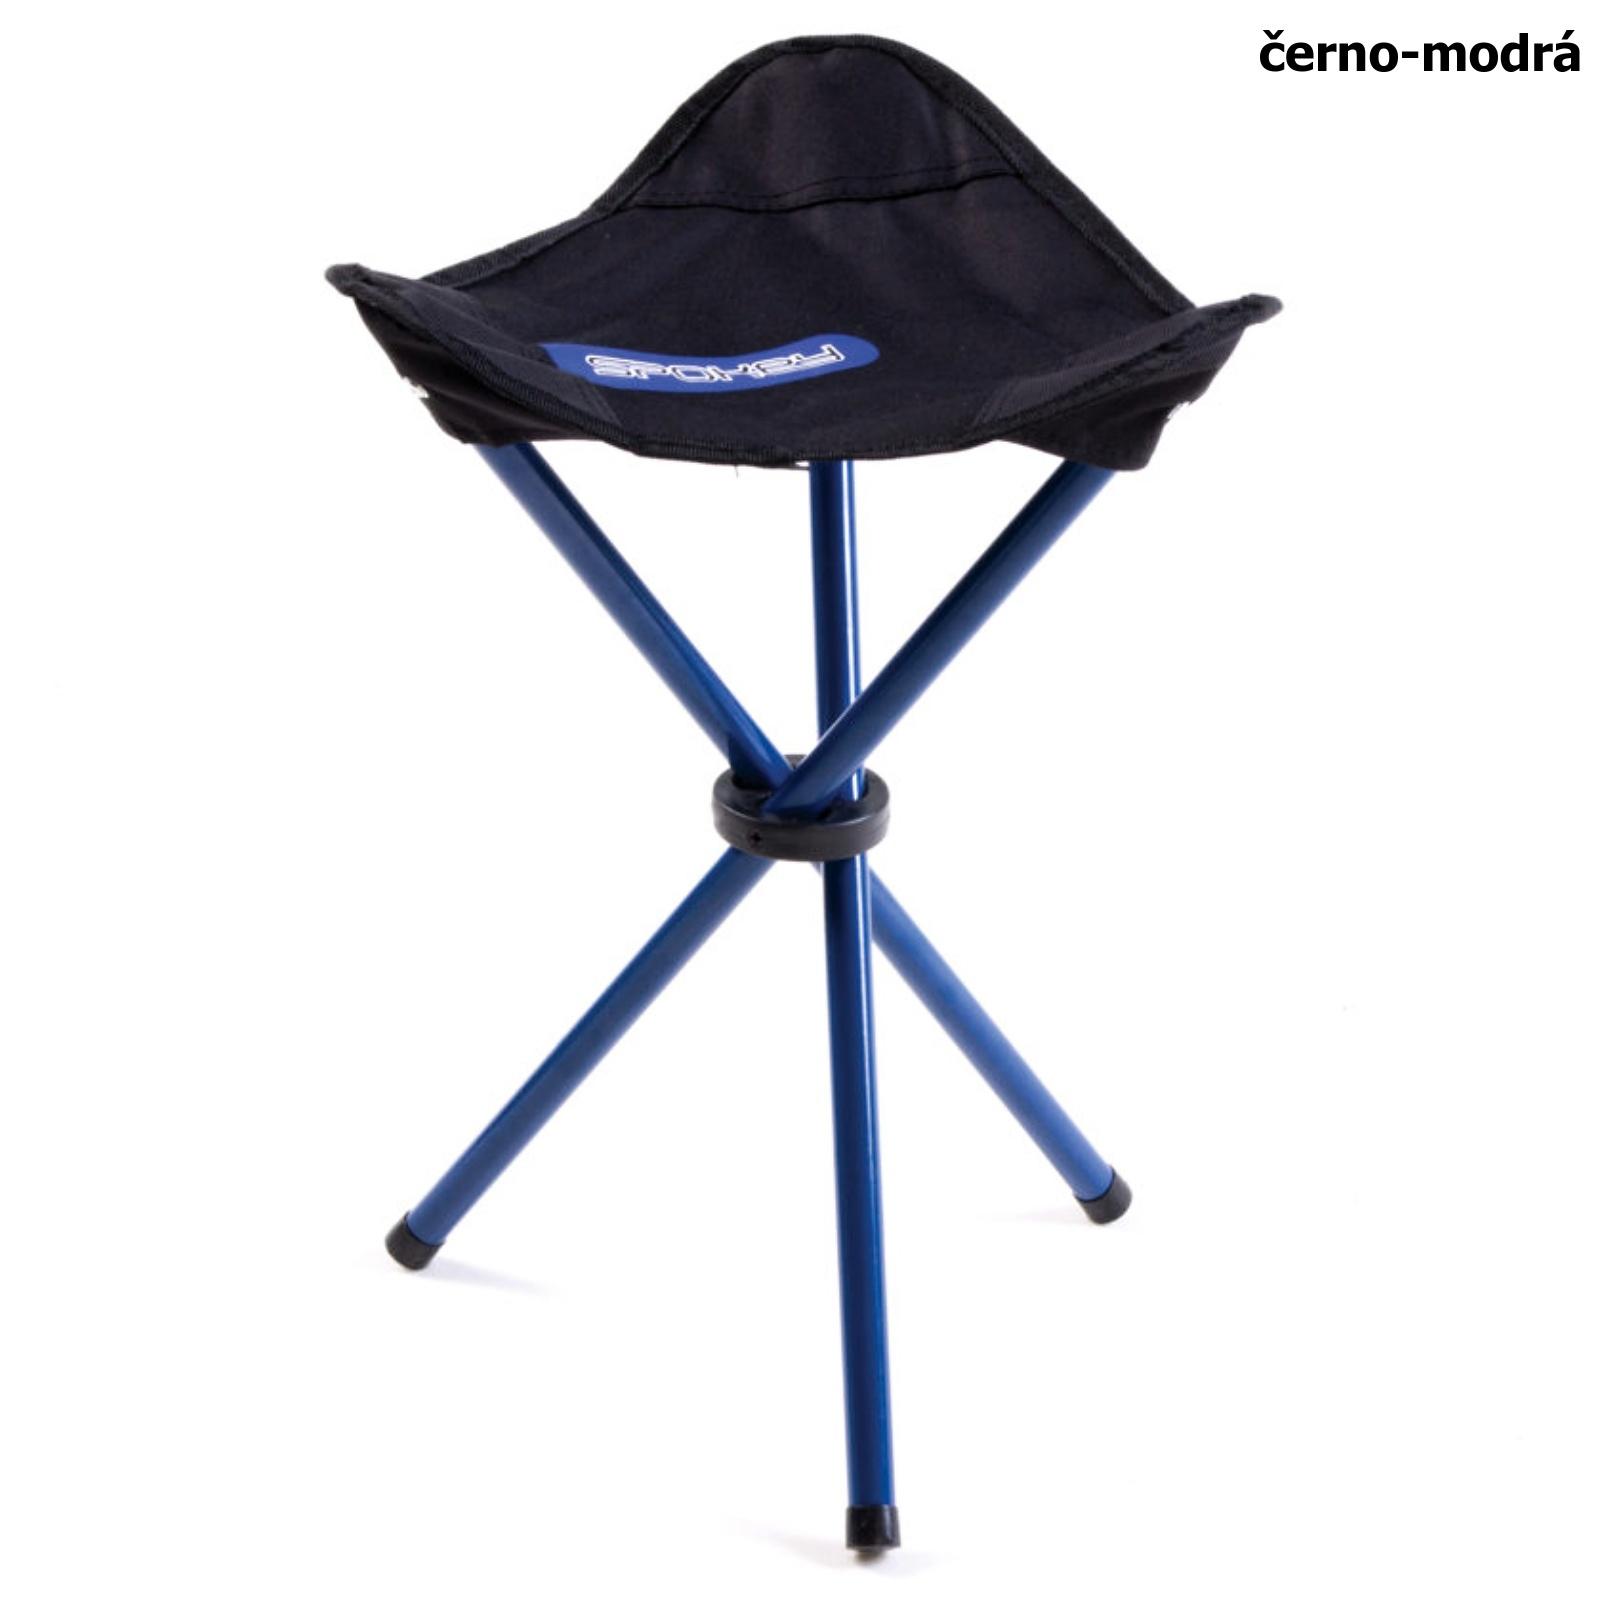 Turistická židle SPOKEY Pathook černo-modrá